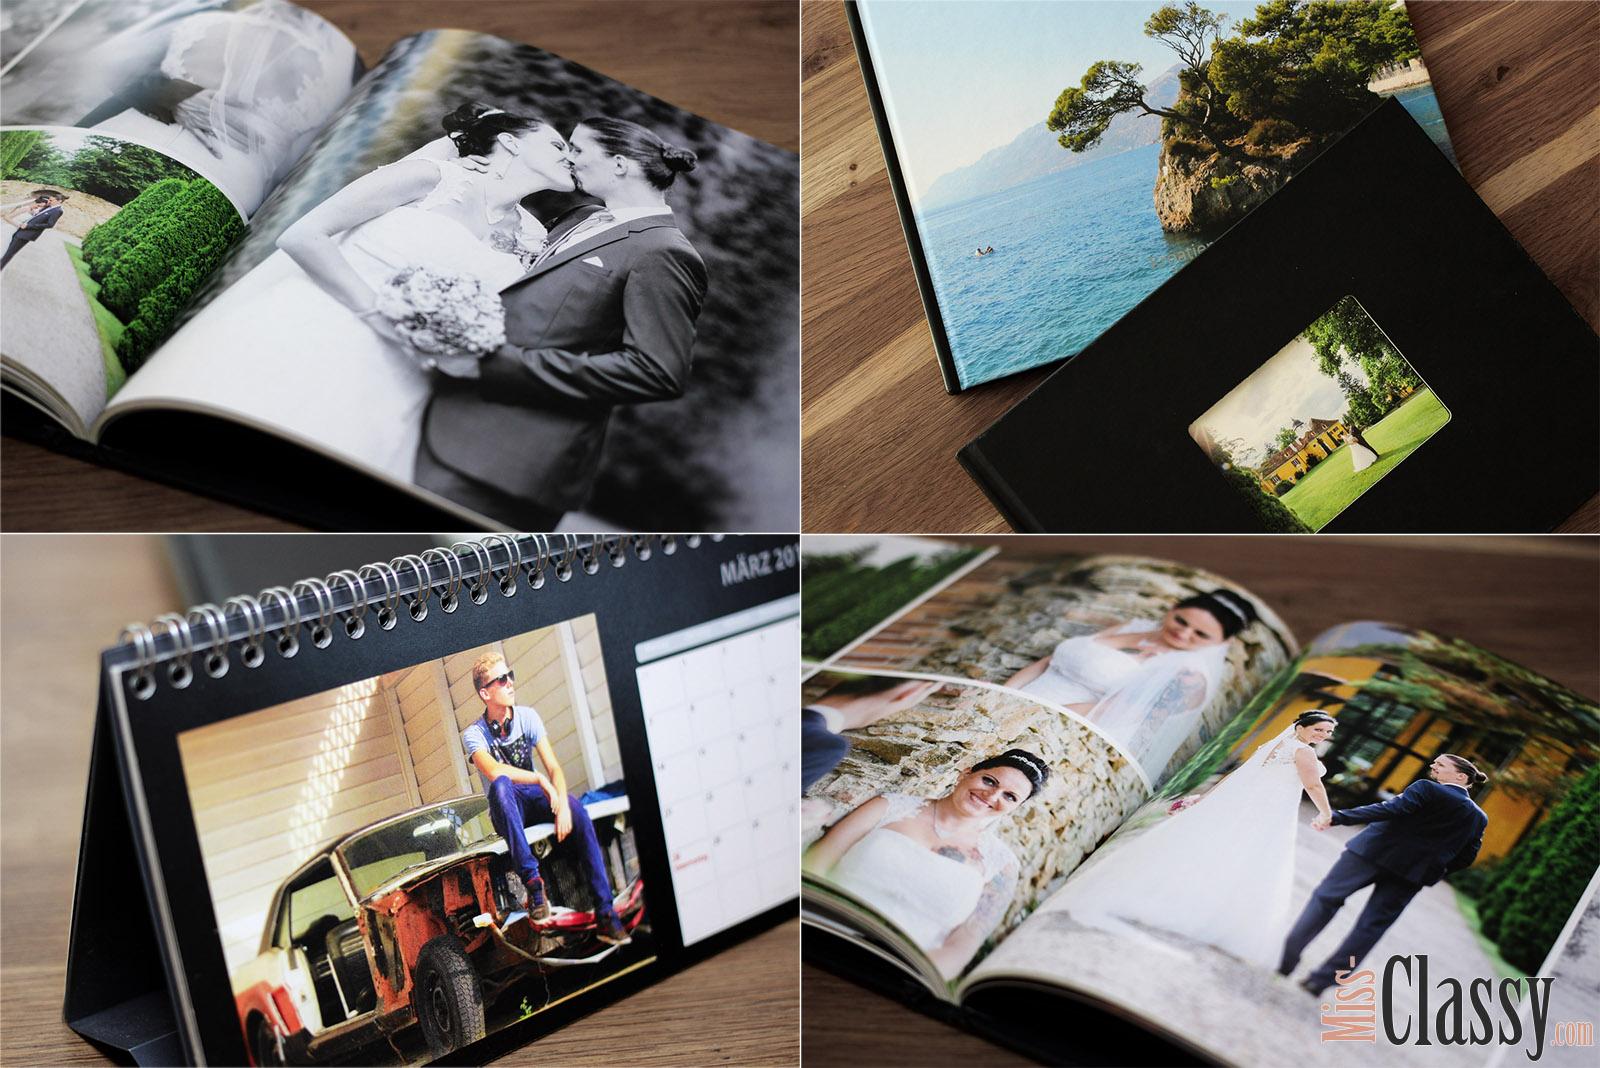 LIFESTYLE: Weihnachtsgeschenk-Guide, Miss Classy, classy, beclassy, Lifestyleblog, Lifestyleblogger, Österreich, Austria, Graz, Weihnachten, Geschenke, Fotobuch, Fotogeschenk, Fotokalender, Weihnachtszeit